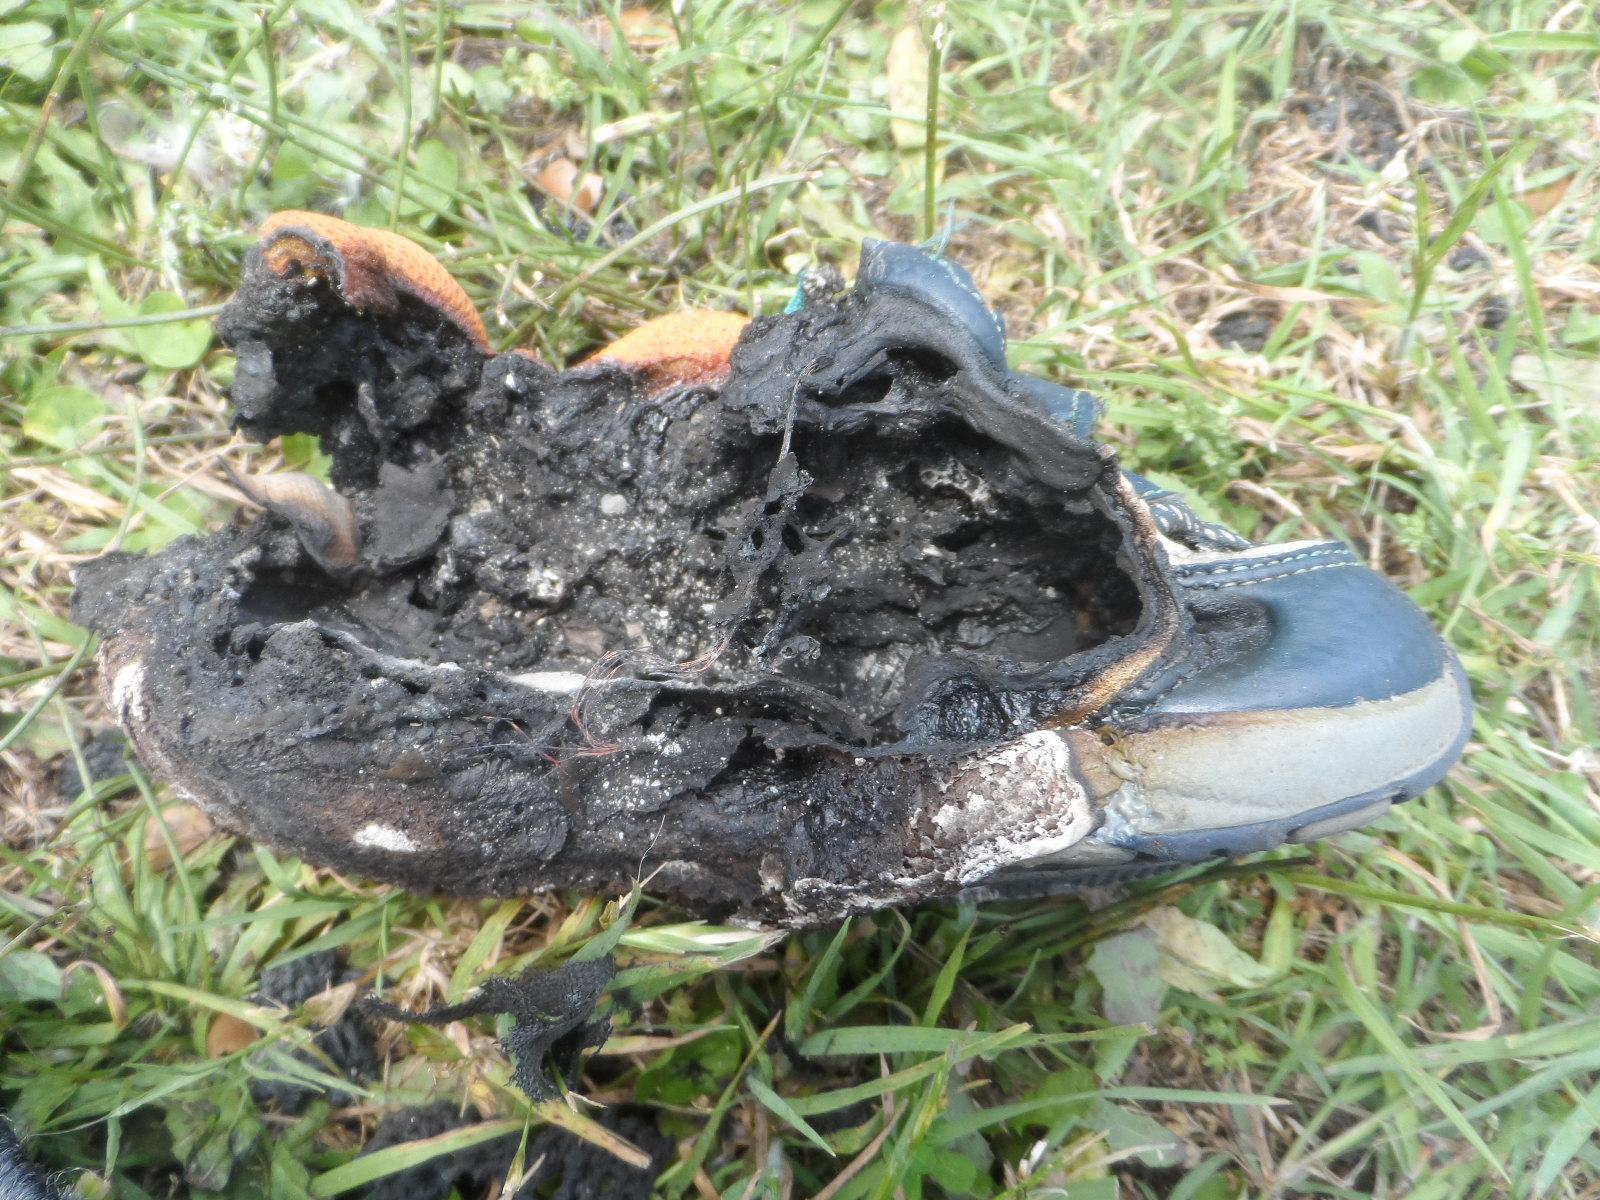 Παιδικά παπούτσια με φωτάκια πήραν φωτιά! (Φωτογραφίες)